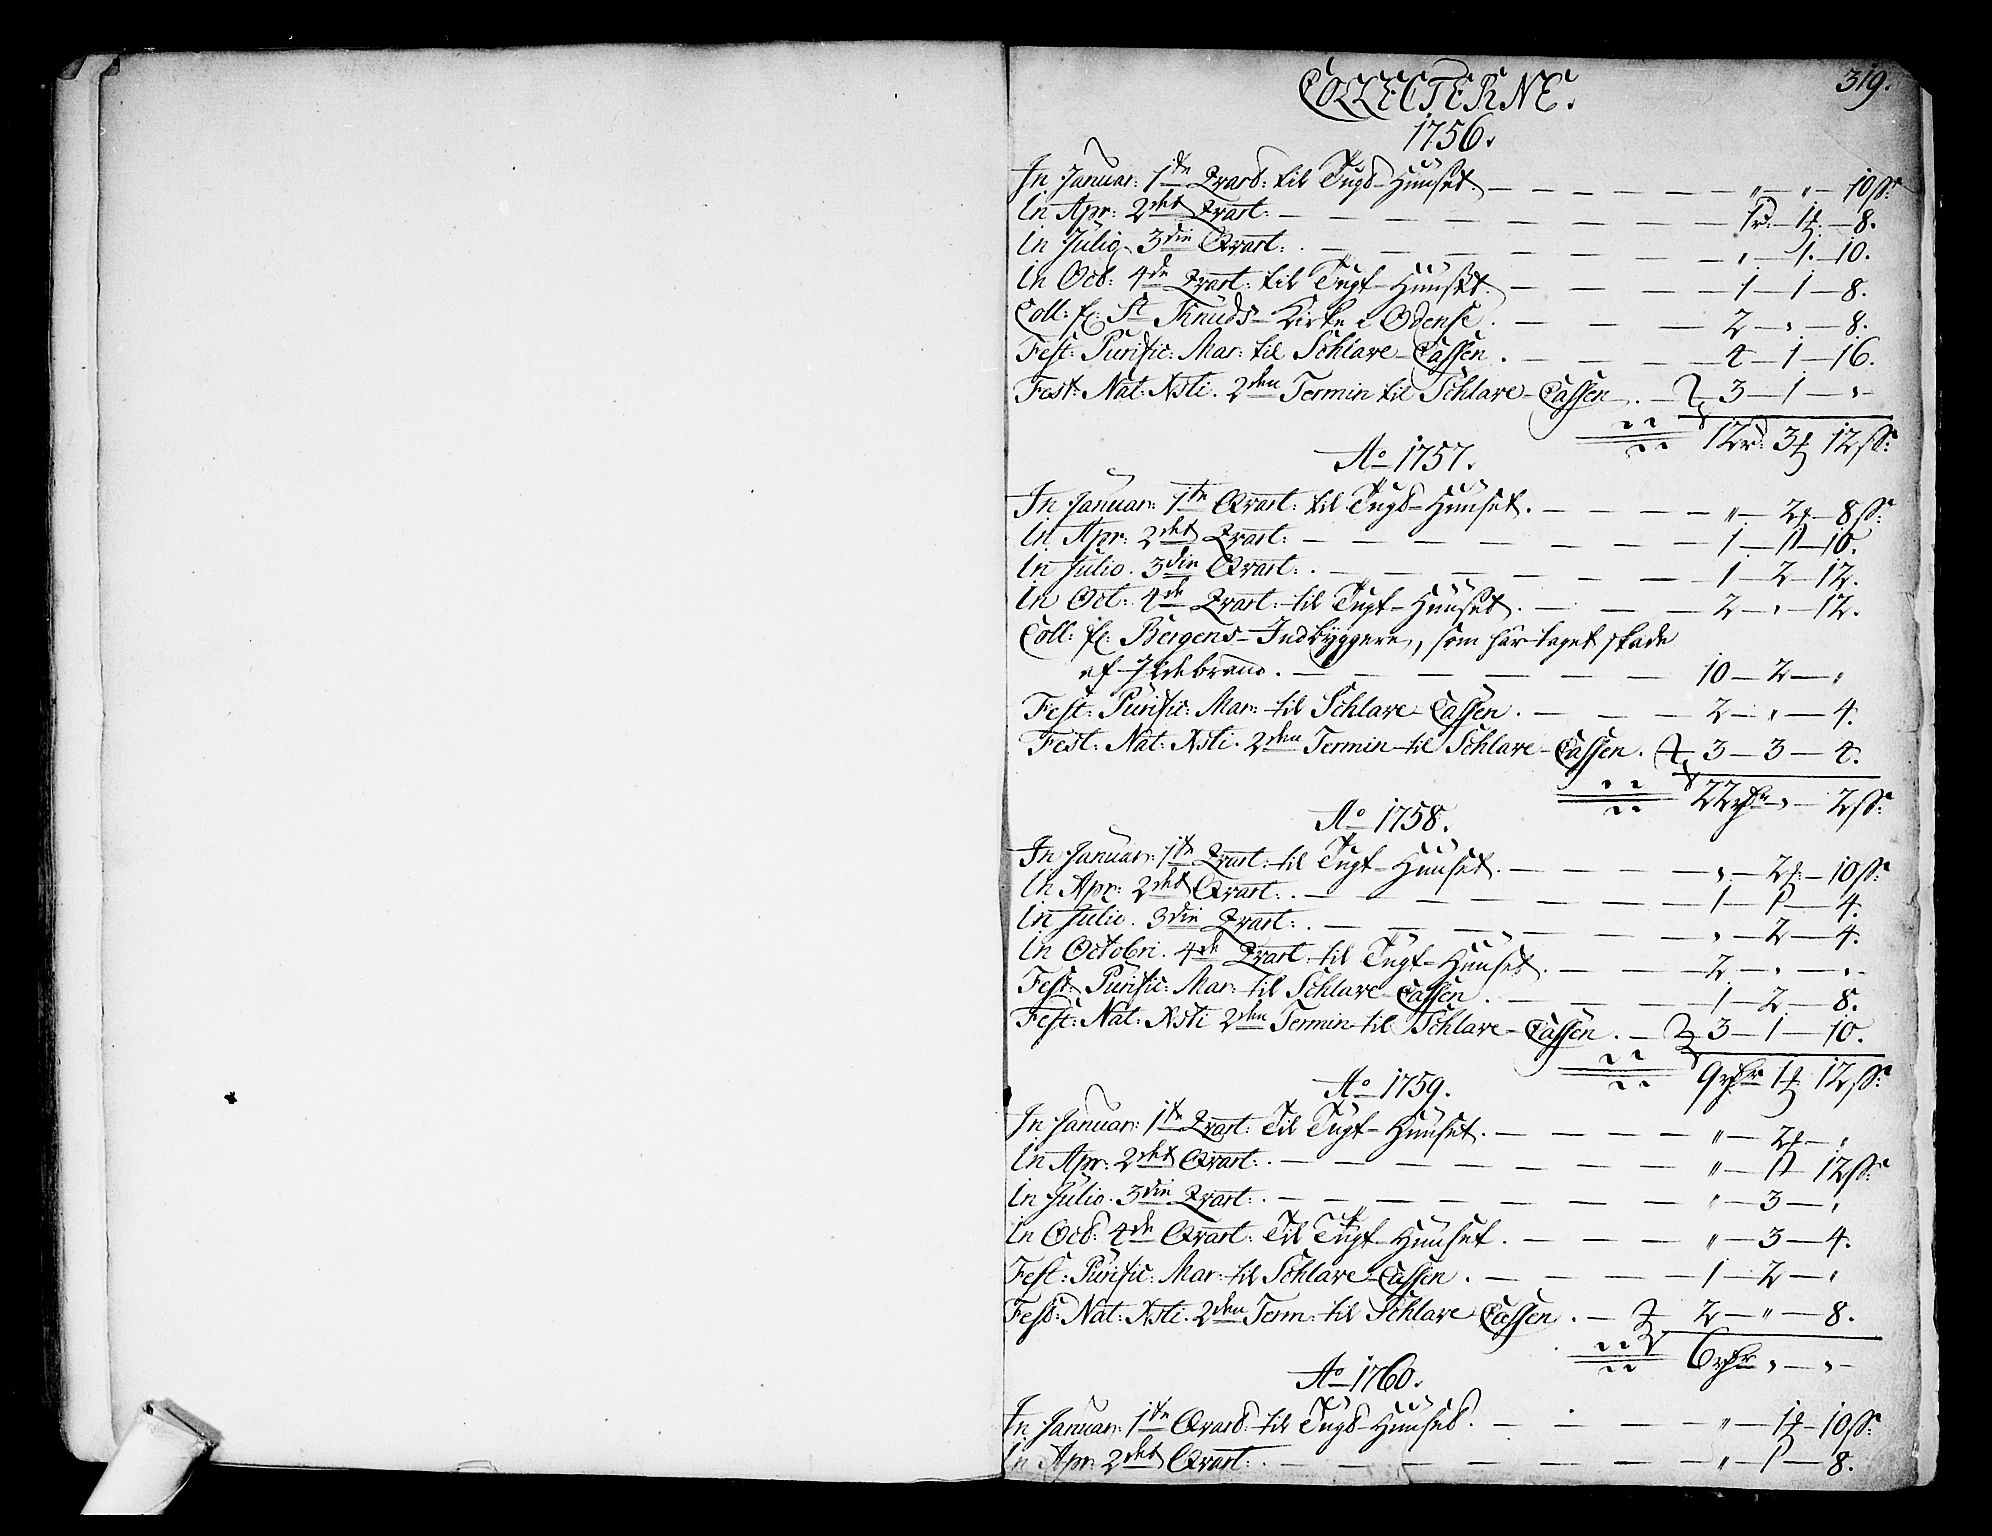 SAKO, Kongsberg kirkebøker, F/Fa/L0004: Ministerialbok nr. I 4, 1756-1768, s. 319